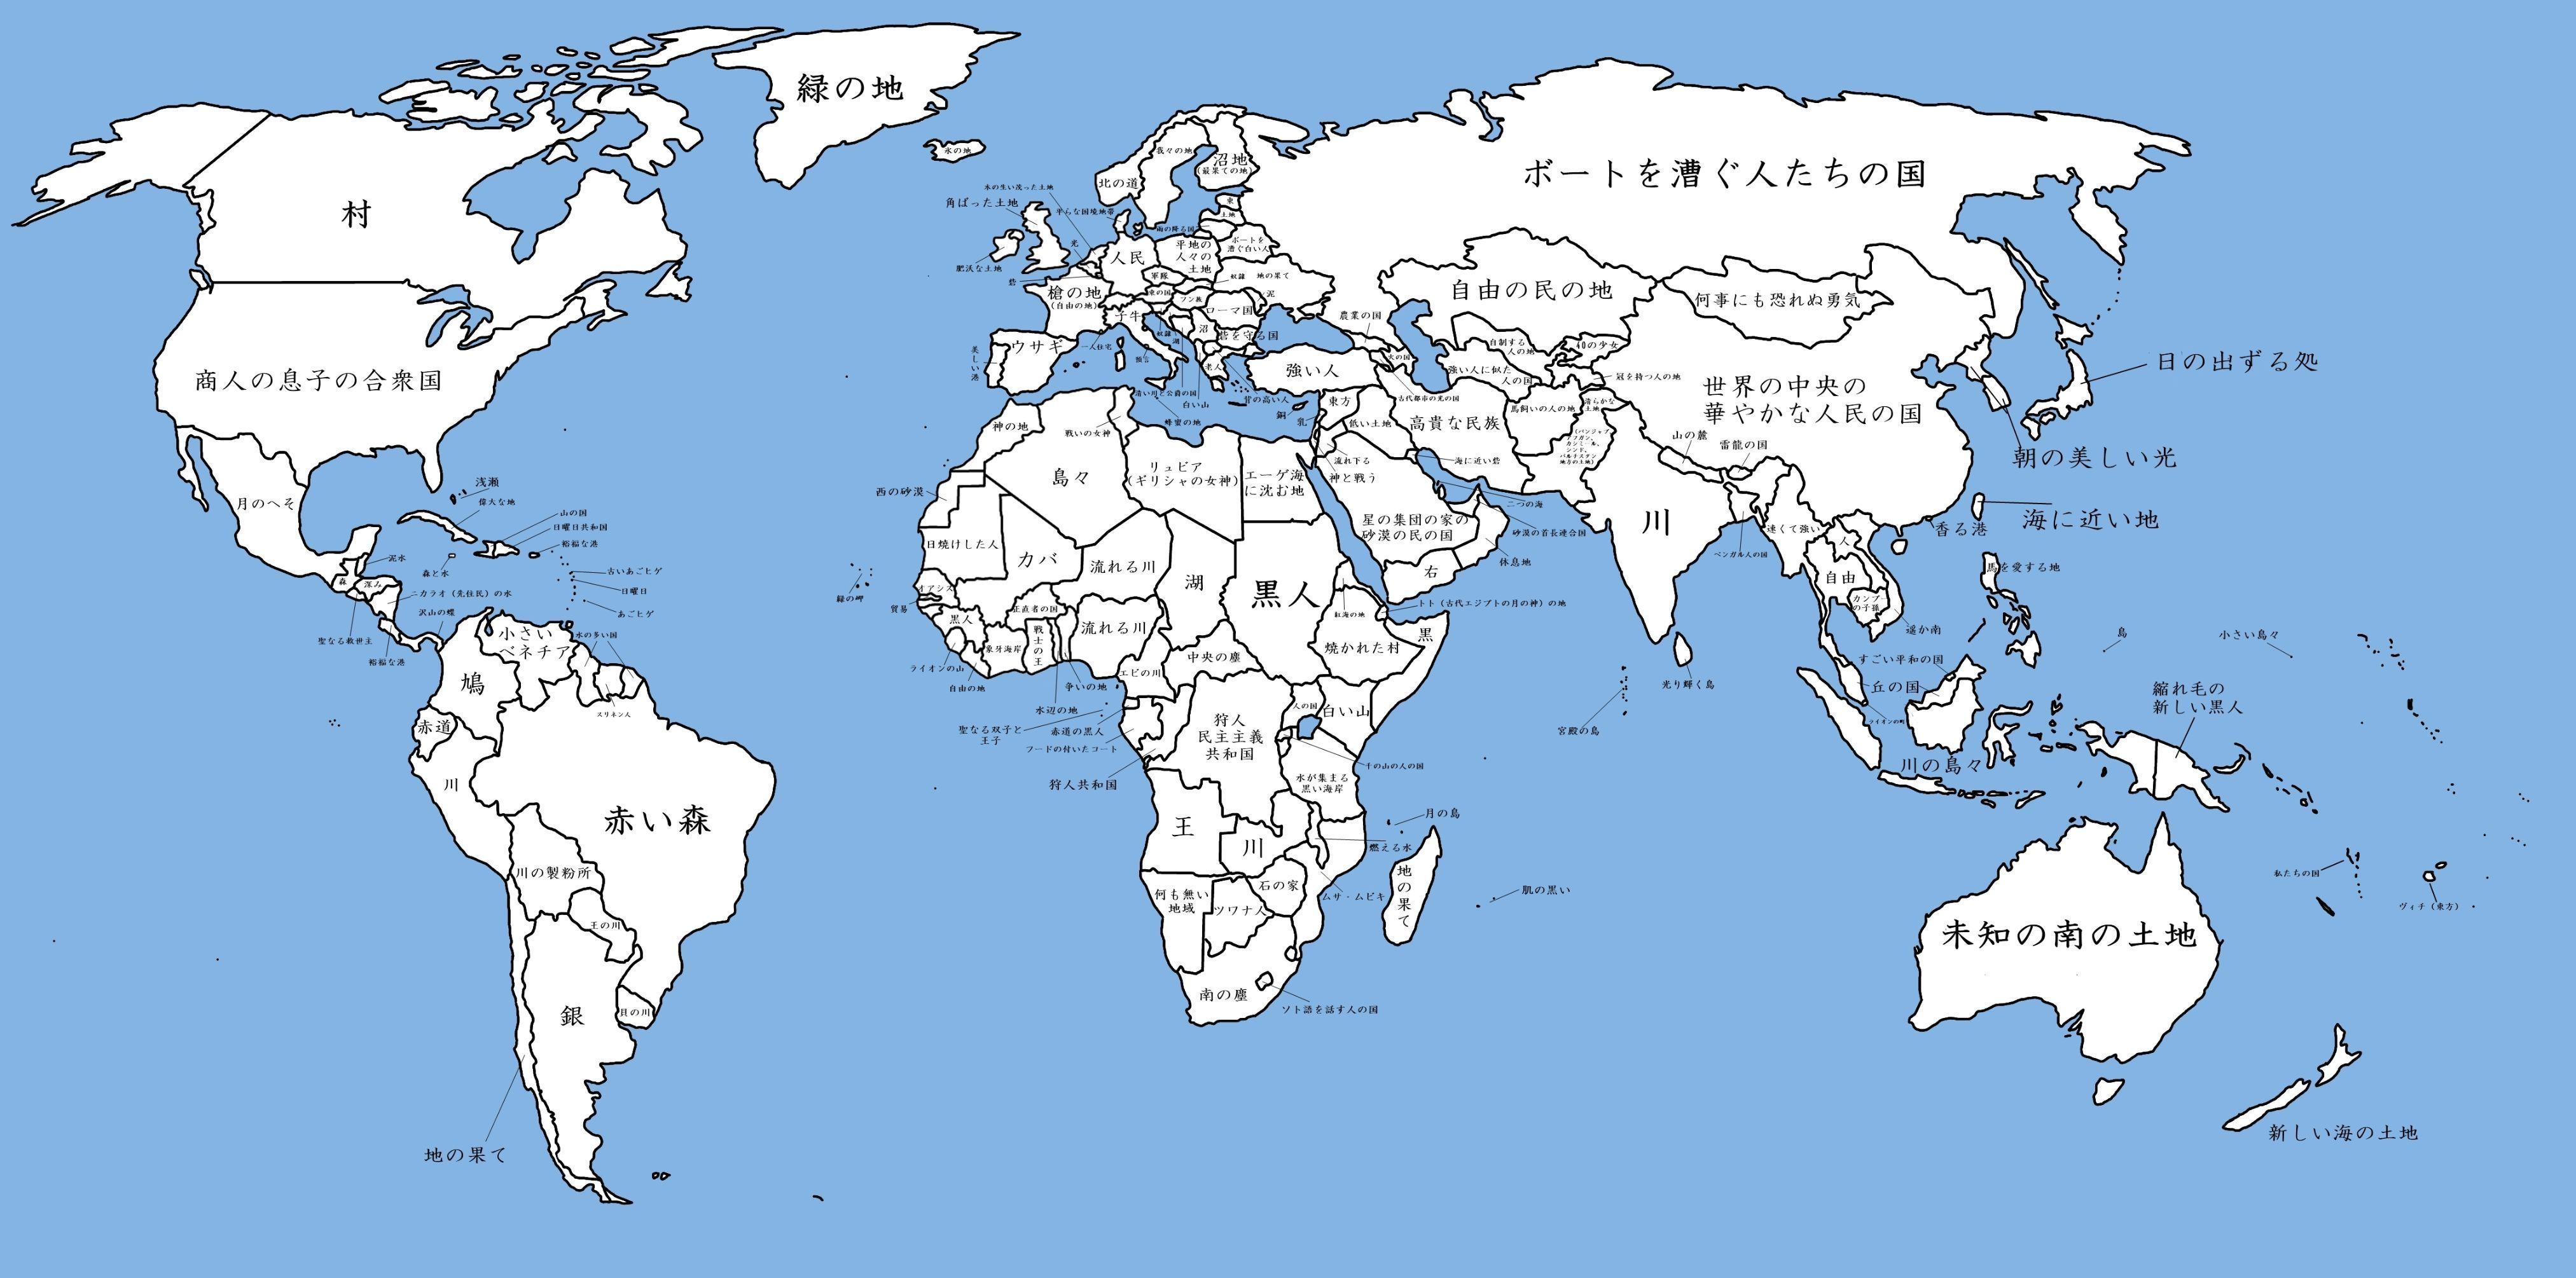 日本語地図 ~ それぞれの国の名前を日本語に訳すと、、